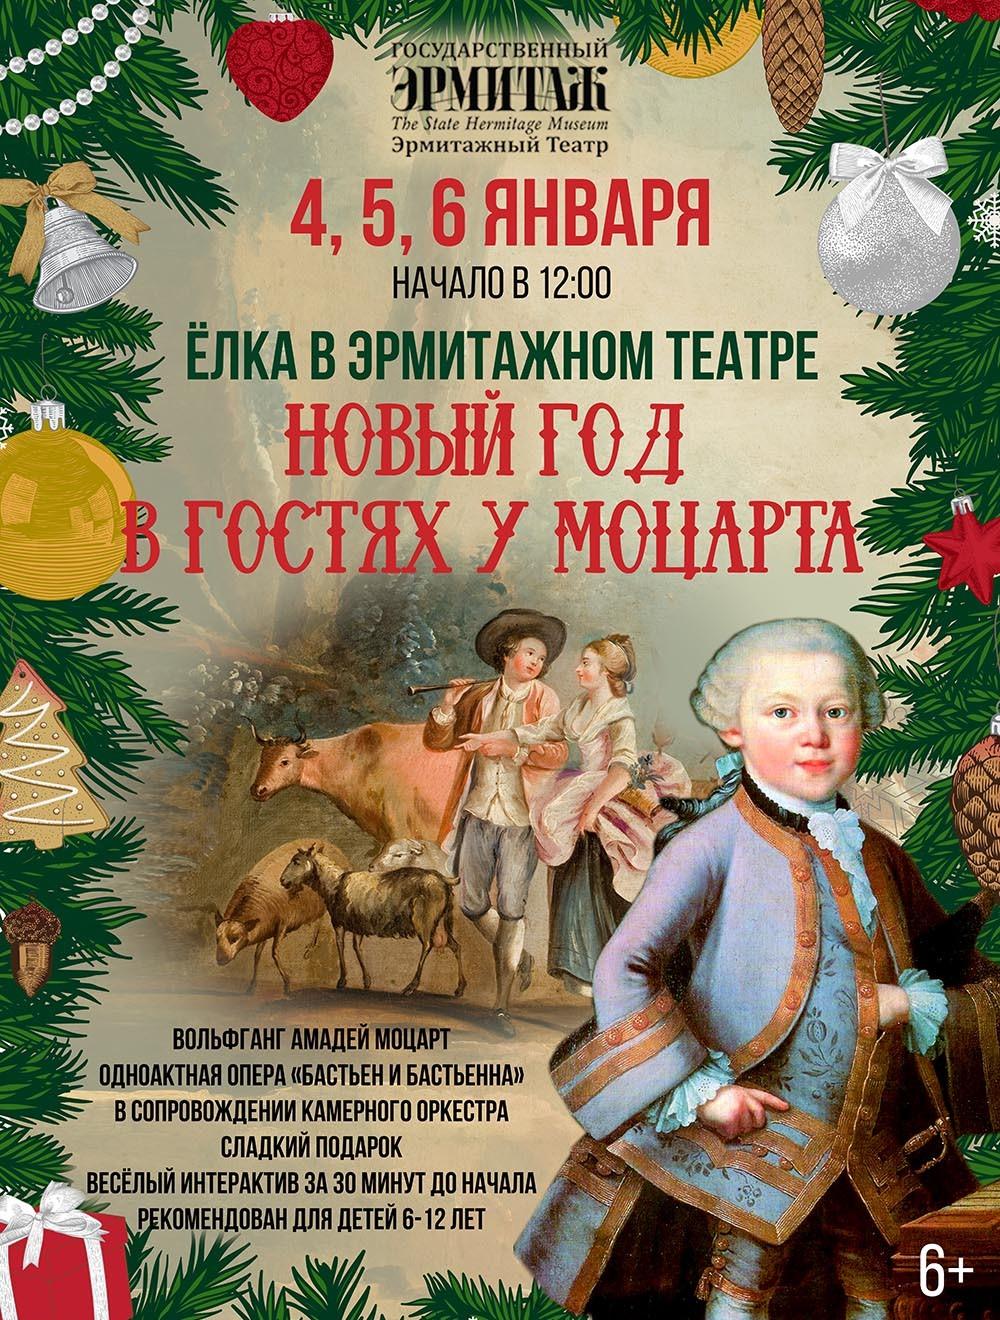 Детская Ёлка в Эрмитажном театре Новый год в гостях у Моцарта